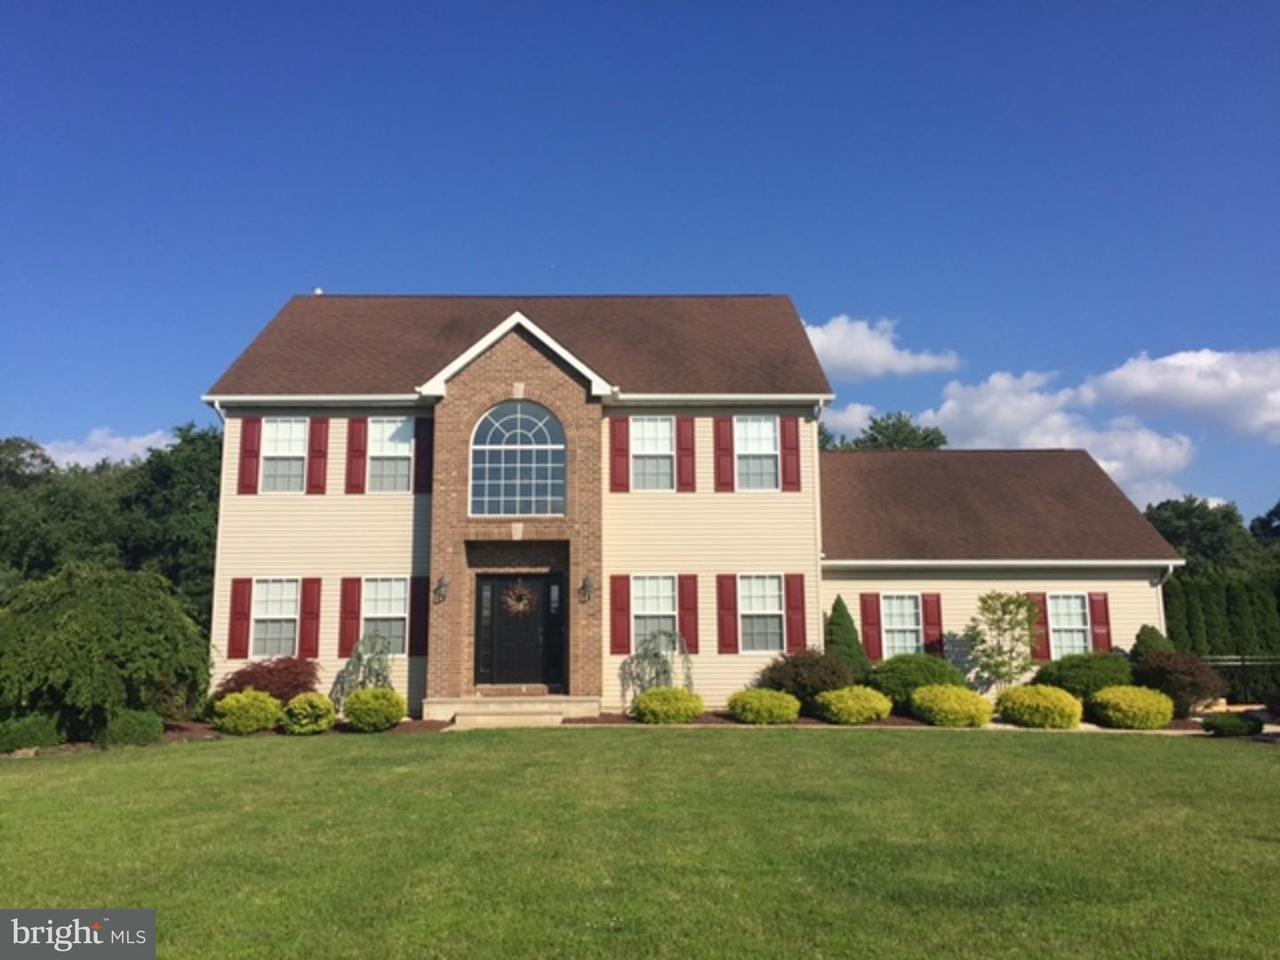 Casa Unifamiliar por un Venta en 9 MARIA Drive New Egypt, Nueva Jersey 08533 Estados Unidos